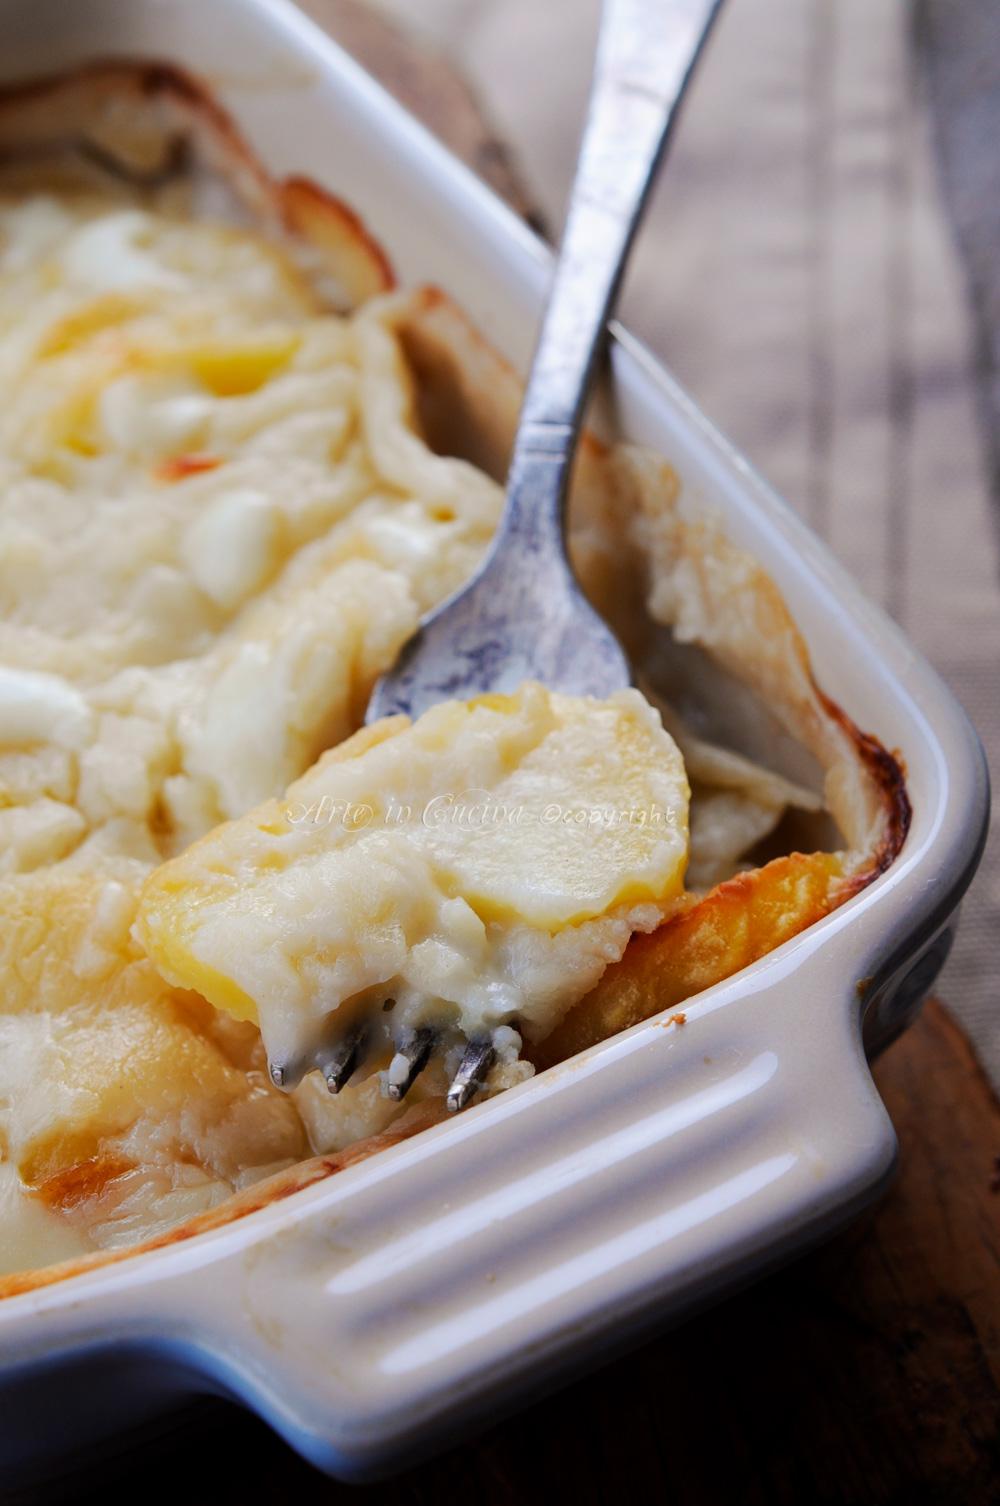 Pasticcio di patate al forno con scamorza e besciamella  vickyart arte in cucina